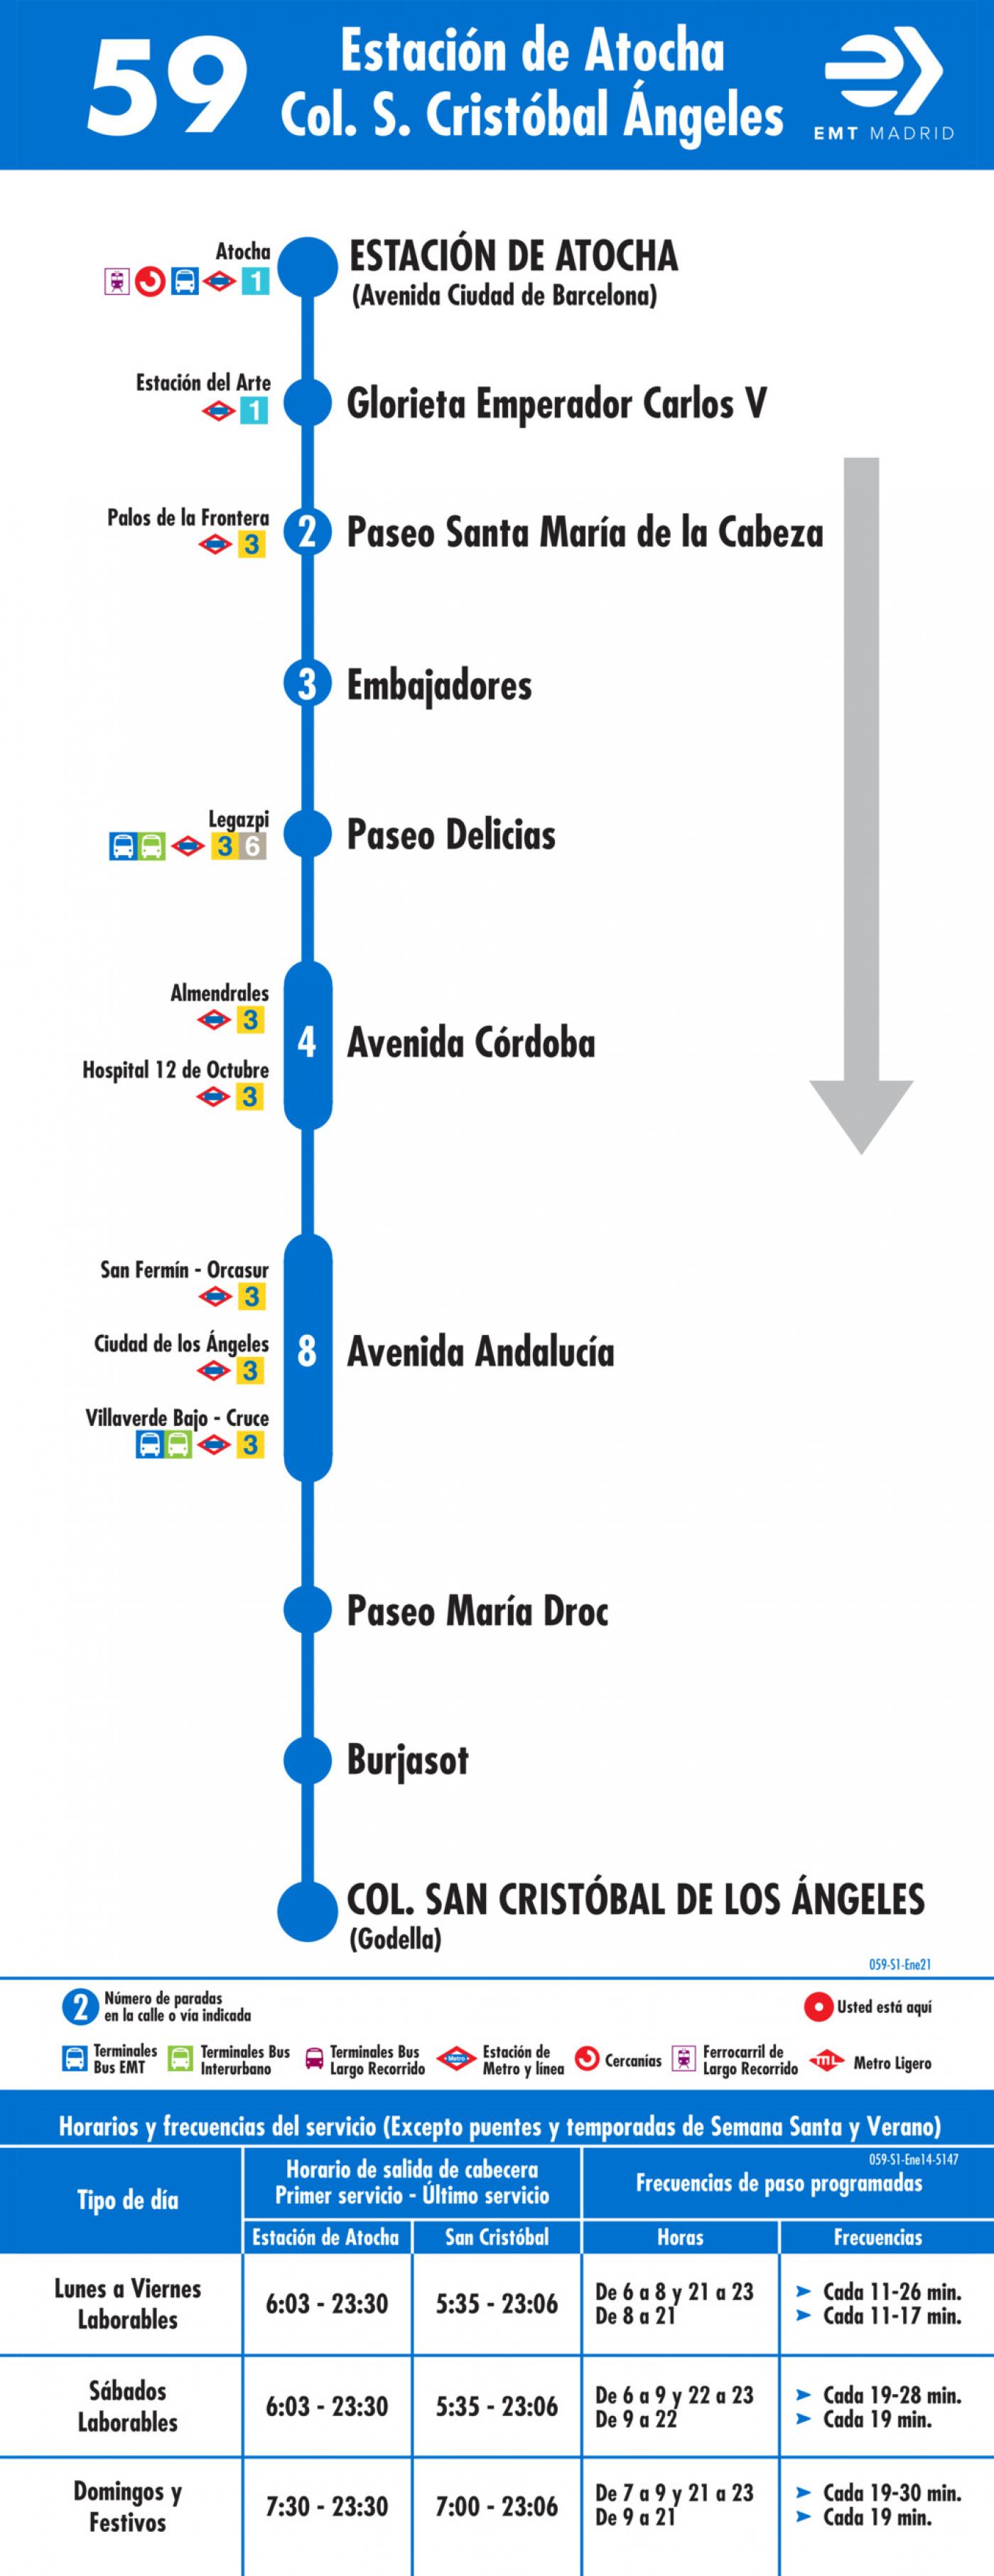 Tabla de horarios y frecuencias de paso en sentido ida Línea 59: Atocha - Colonia San Cristóbal de los Ángeles